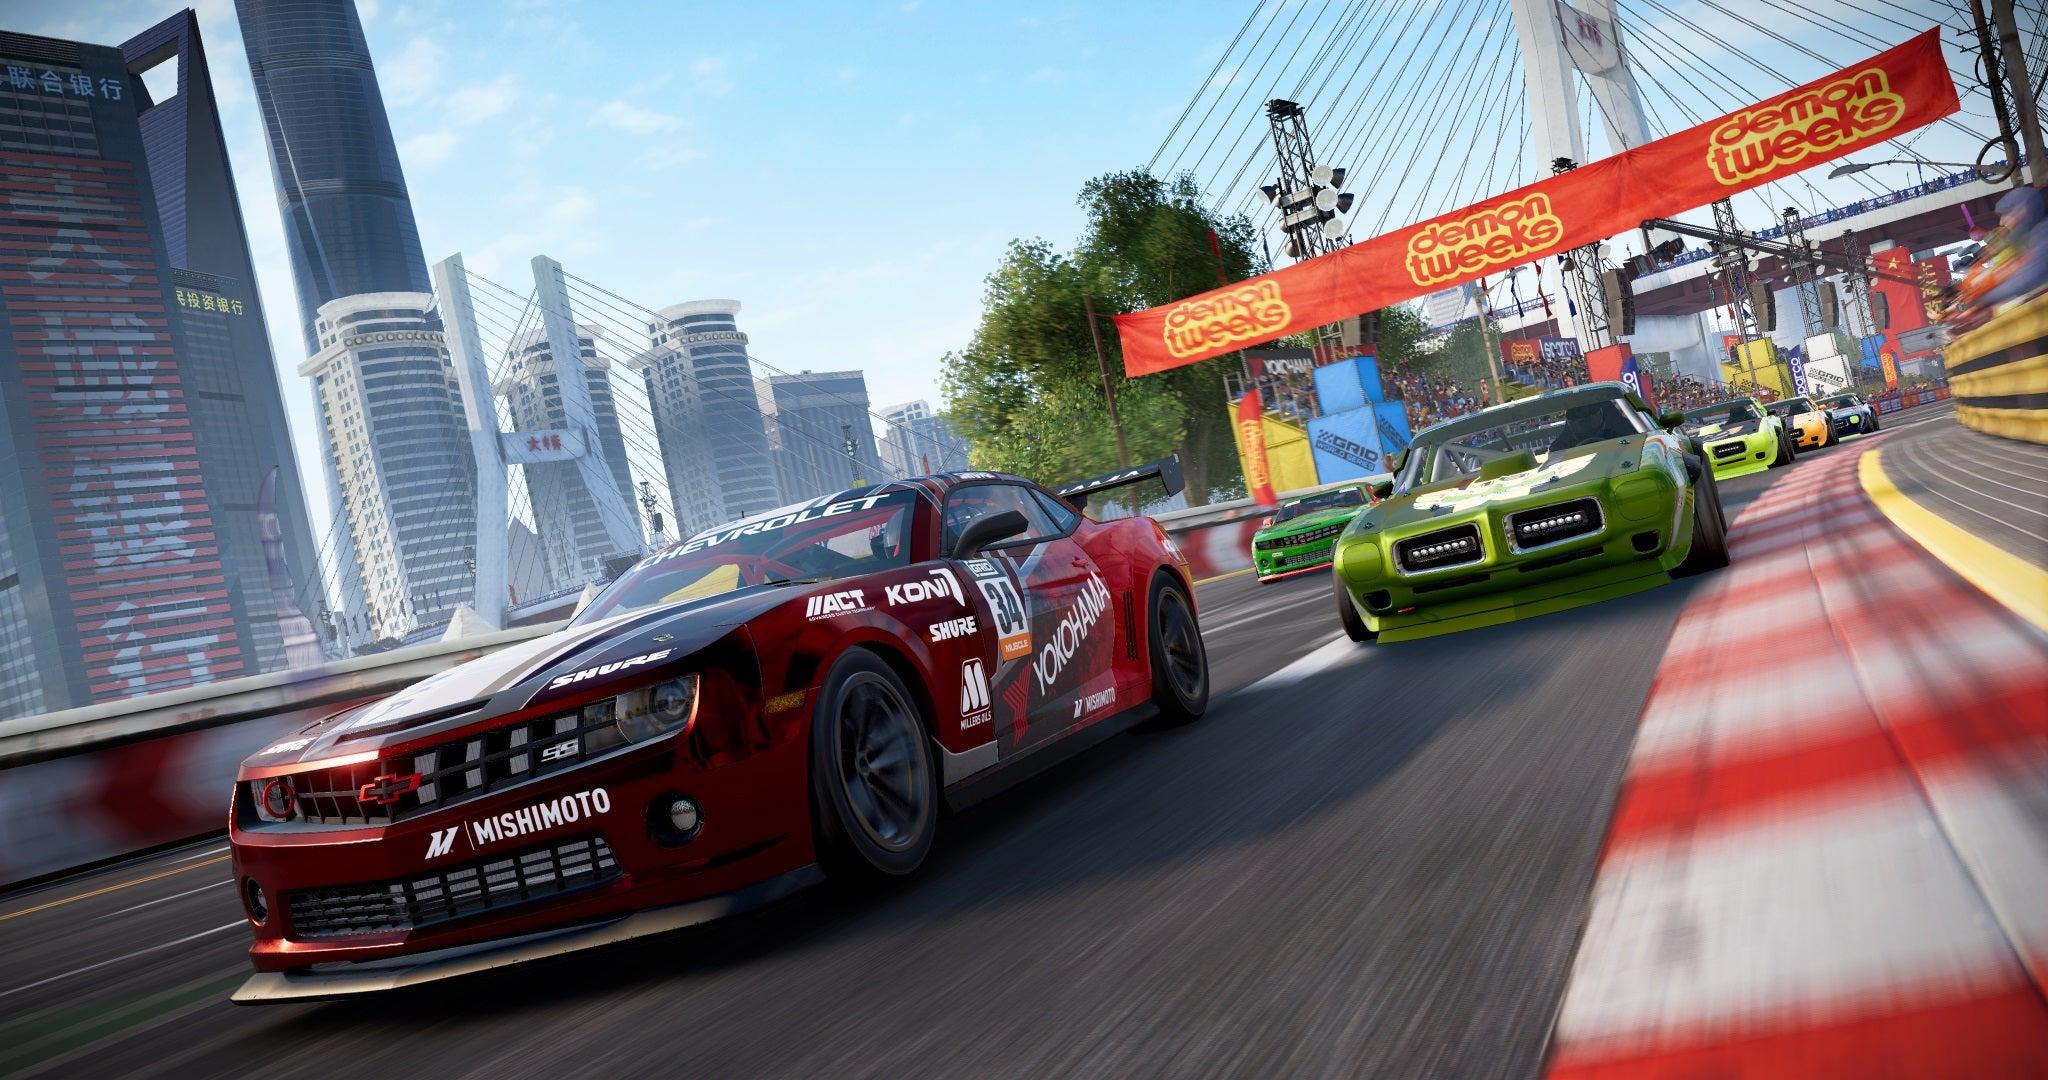 Za předobjednávky závodní hry GRID získáte plakát + oficiální popisek hry